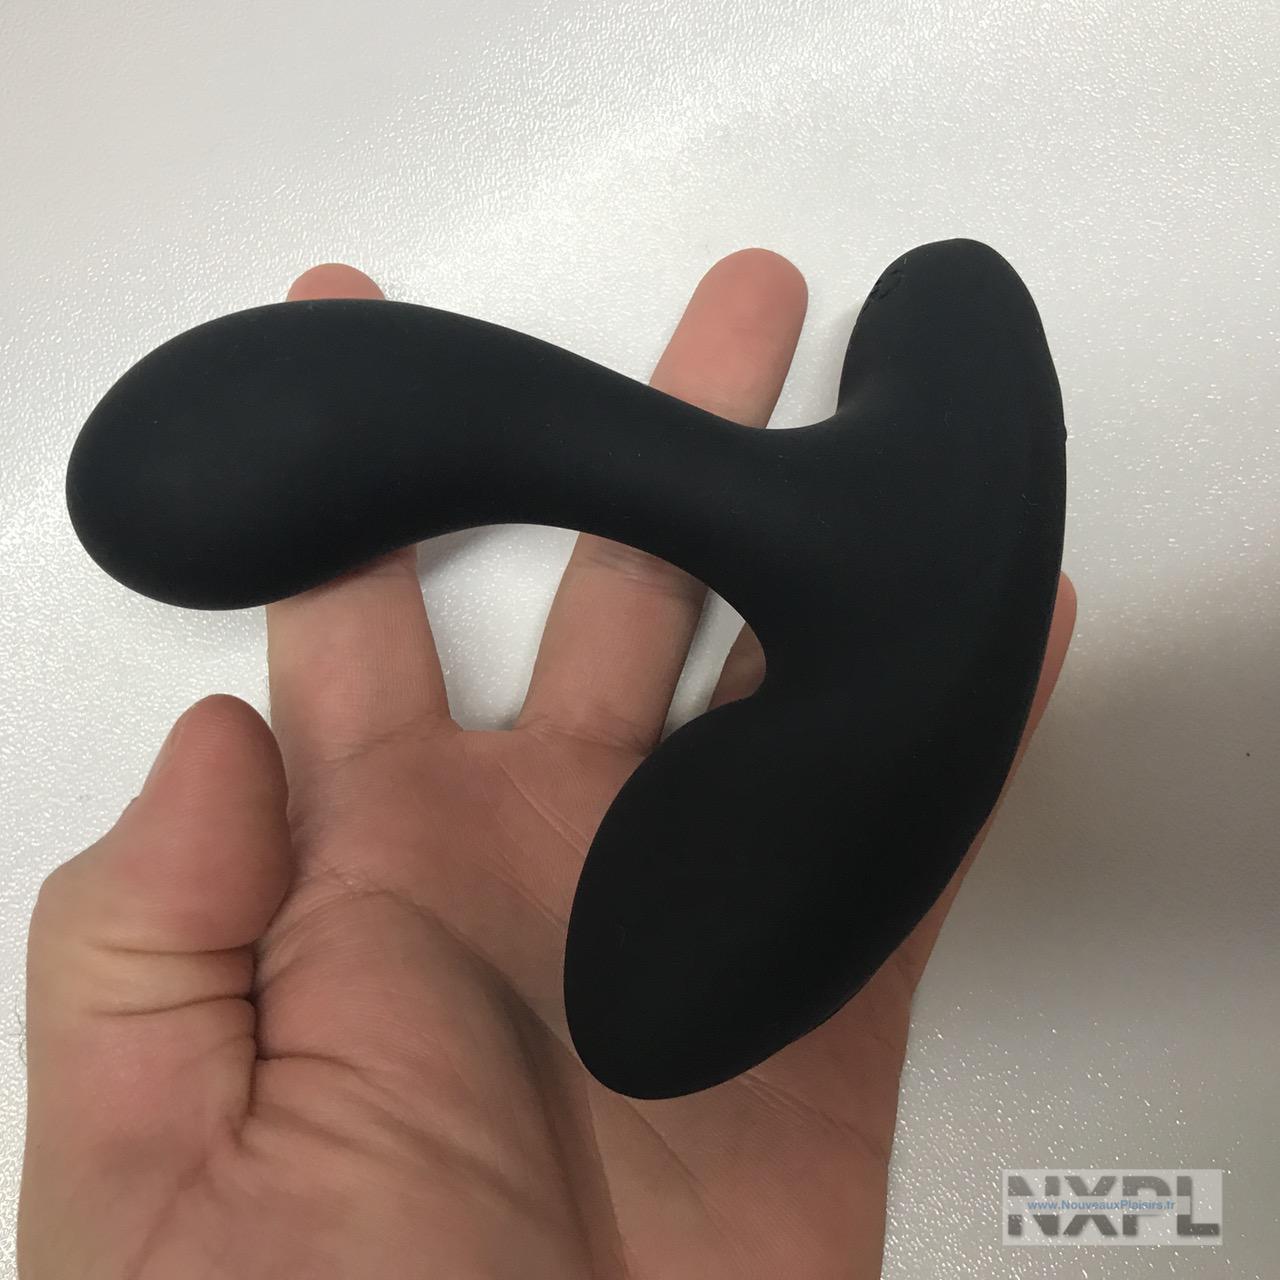 Test du masseur prostatique vibrant Malesation Anal Teaser - NXPL